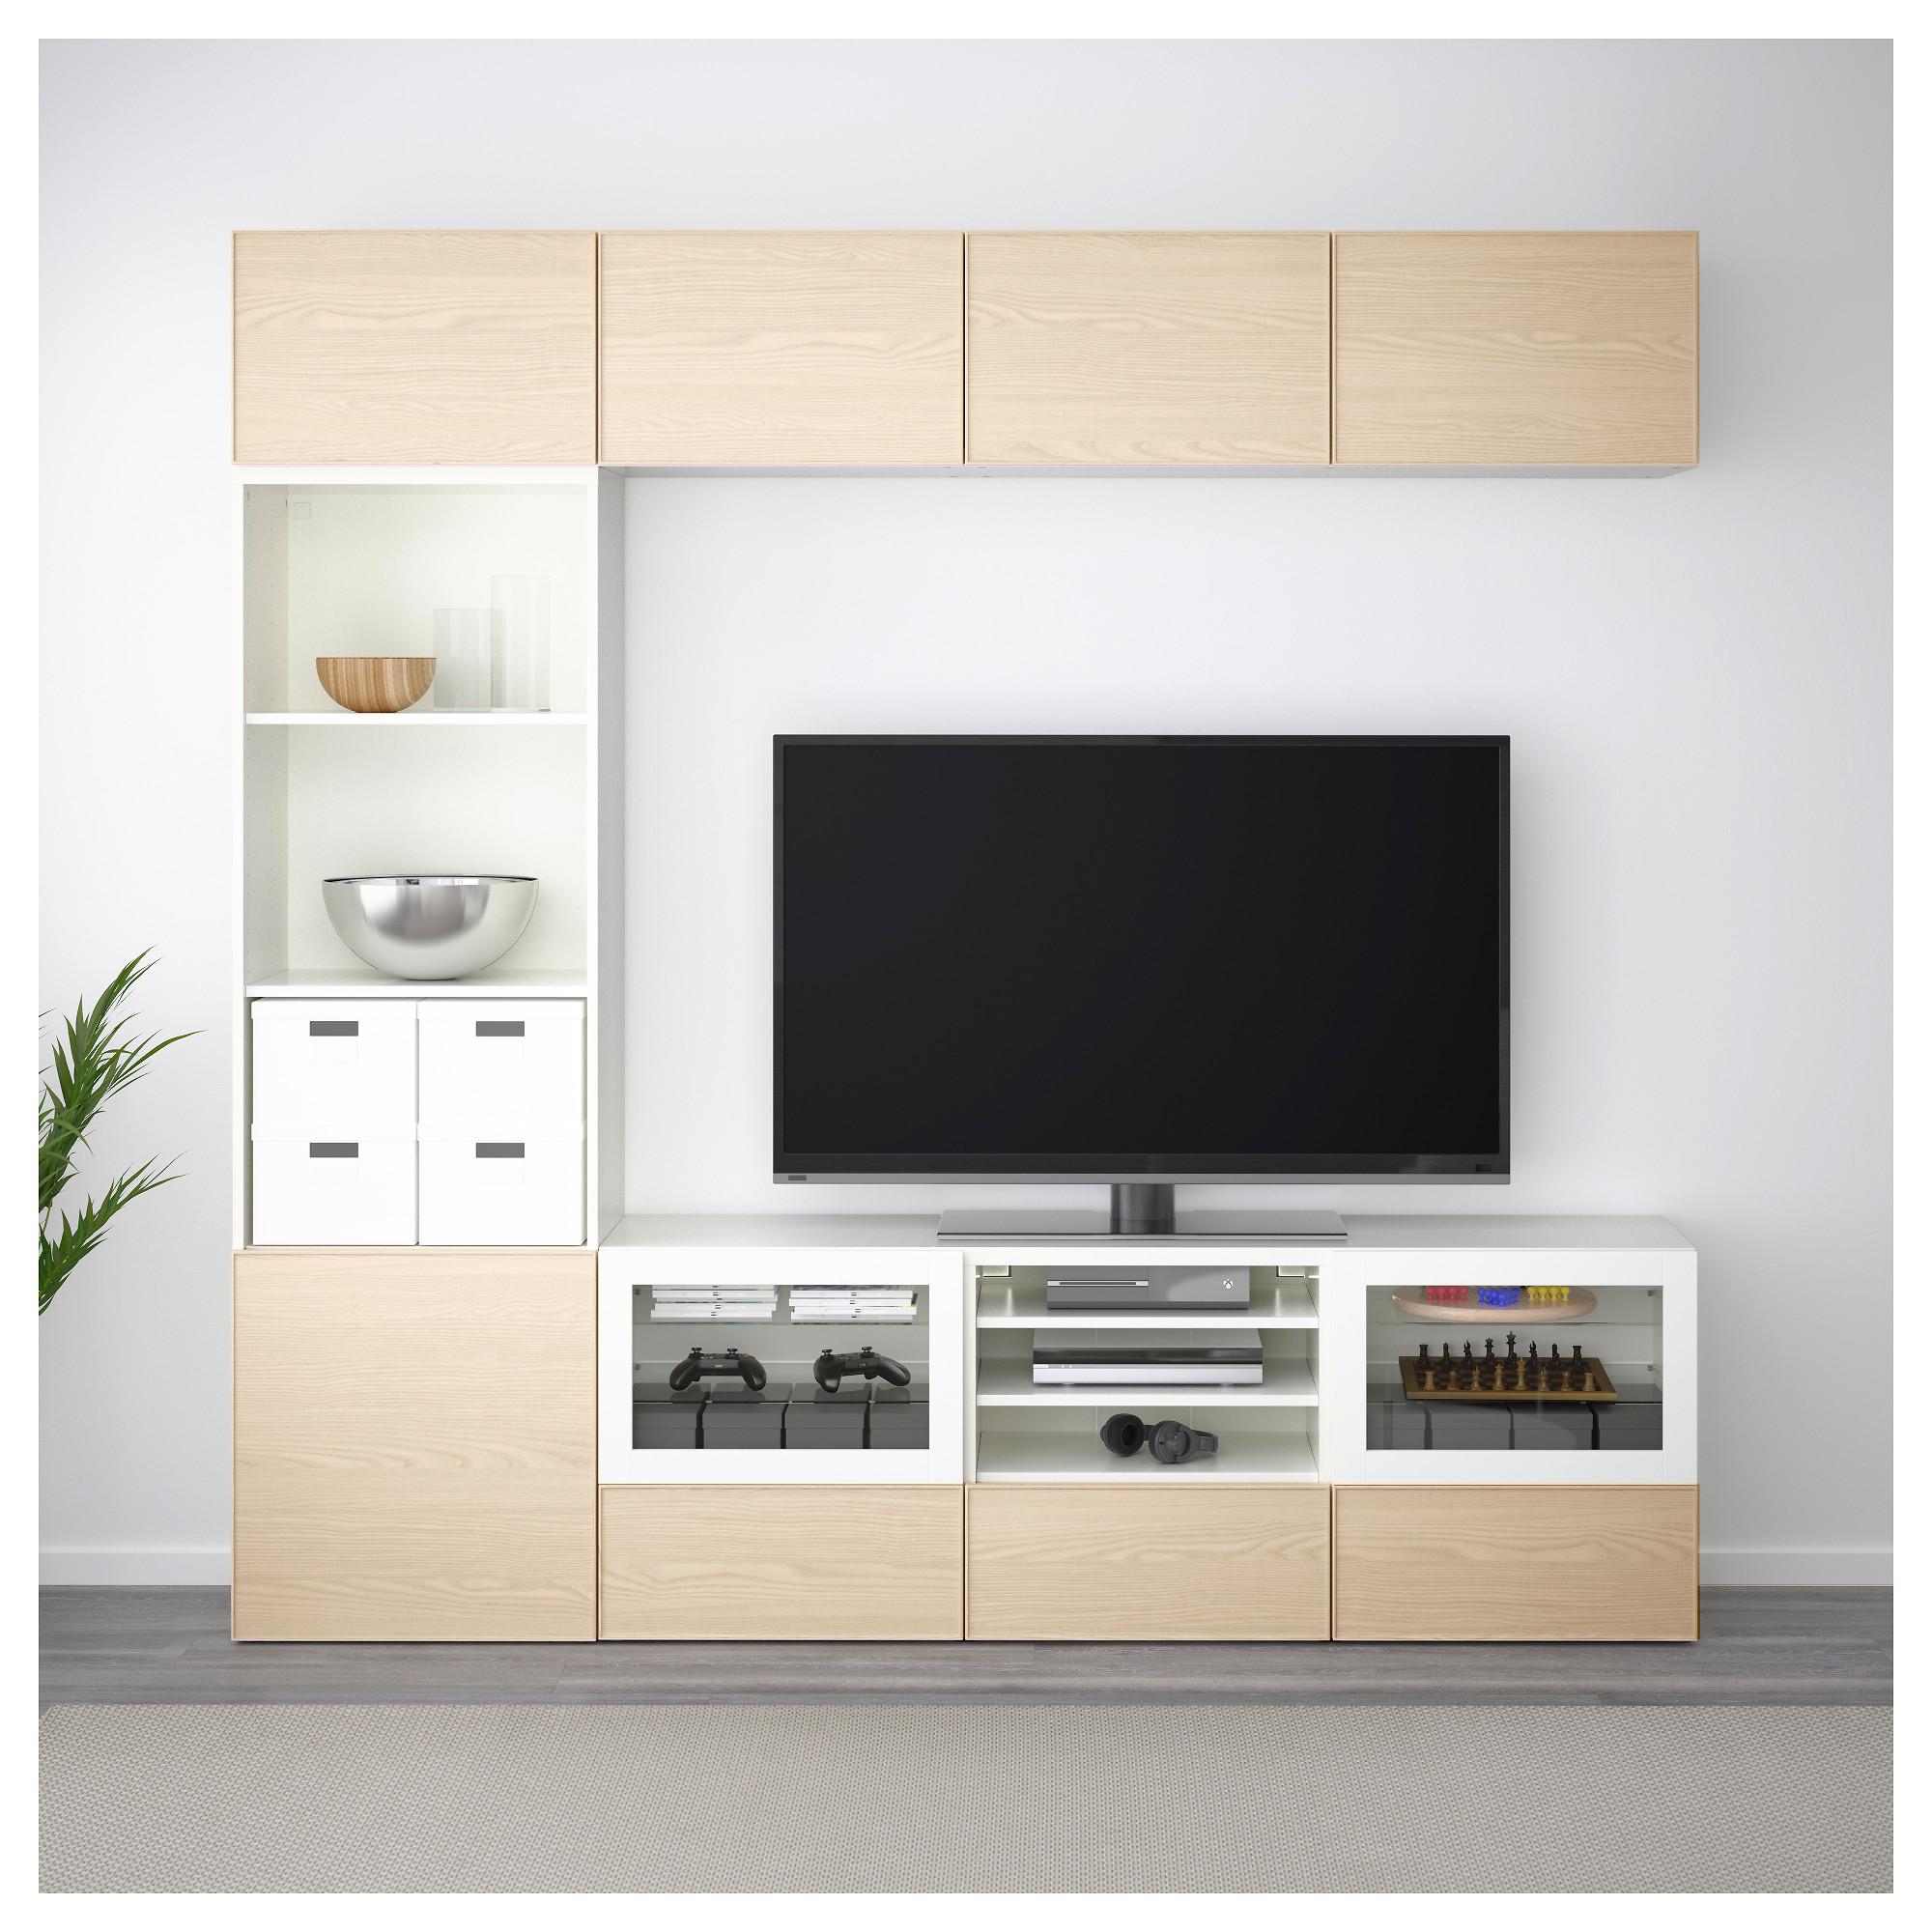 Шкаф для ТВ, комбинированный, стекляные дверцы БЕСТО белый артикуль № 092.501.41 в наличии. Онлайн каталог ИКЕА РБ. Недорогая доставка и монтаж.